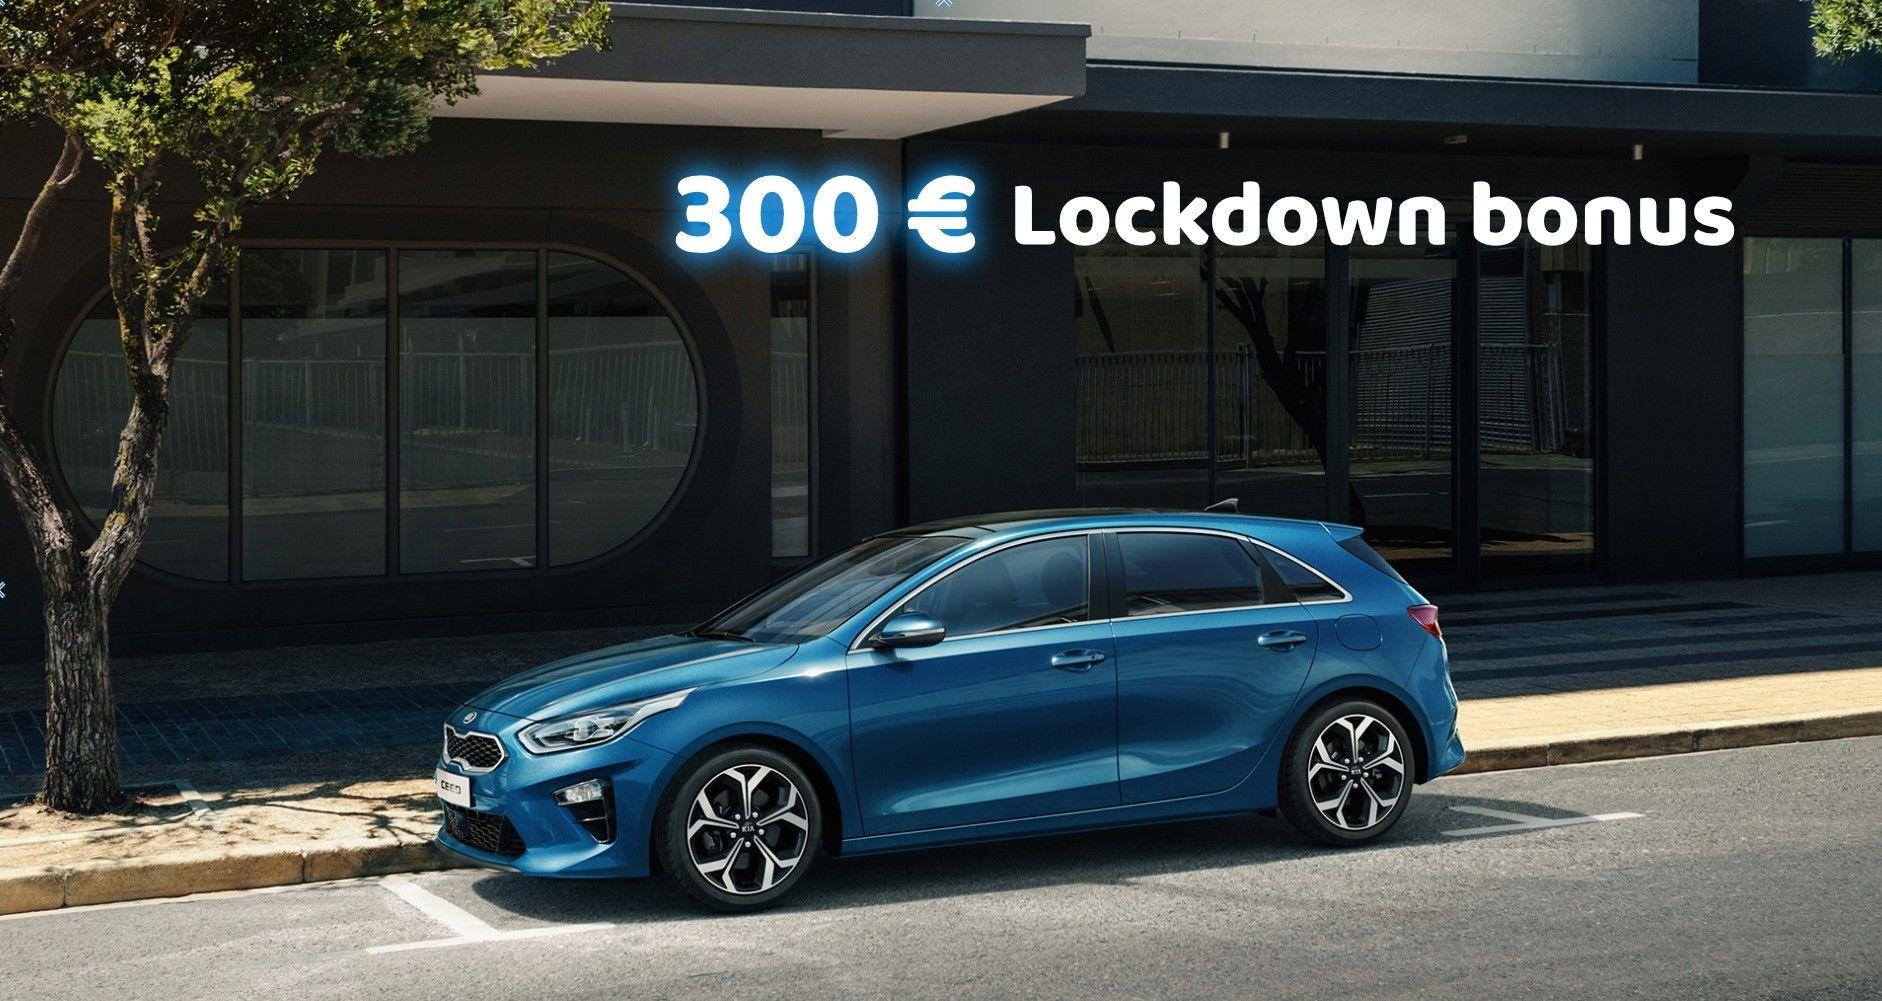 Kia Lock-down bonus